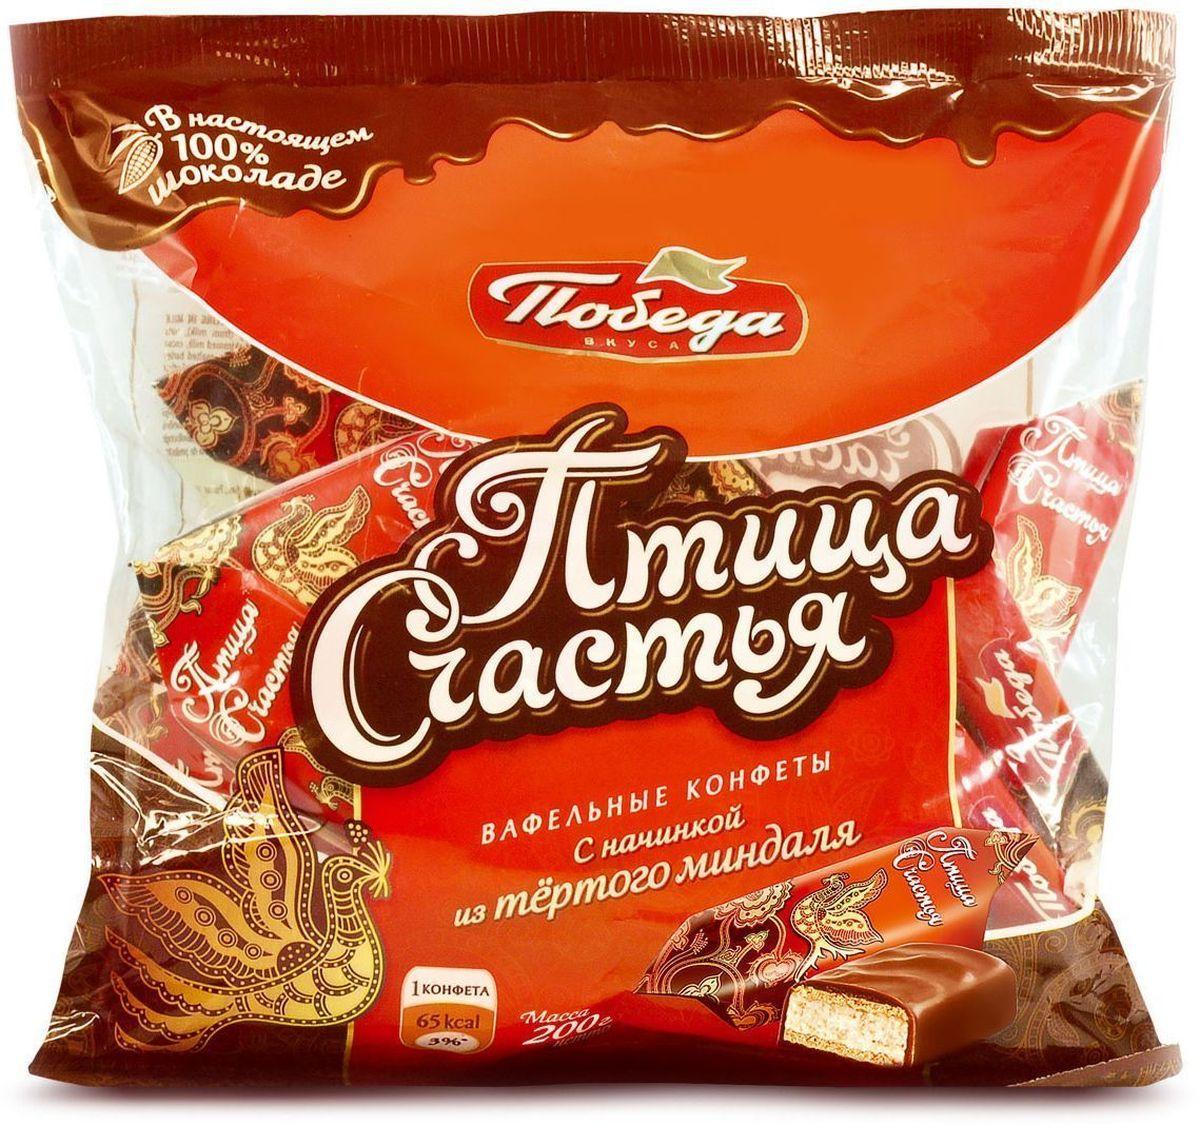 Победа вкуса Птица счастья вафельные конфеты с начинкой из тертого миндаля в сливочном шоколаде, 200 г kitkat mini темный шоколад с хрустящей вафлей 185 г